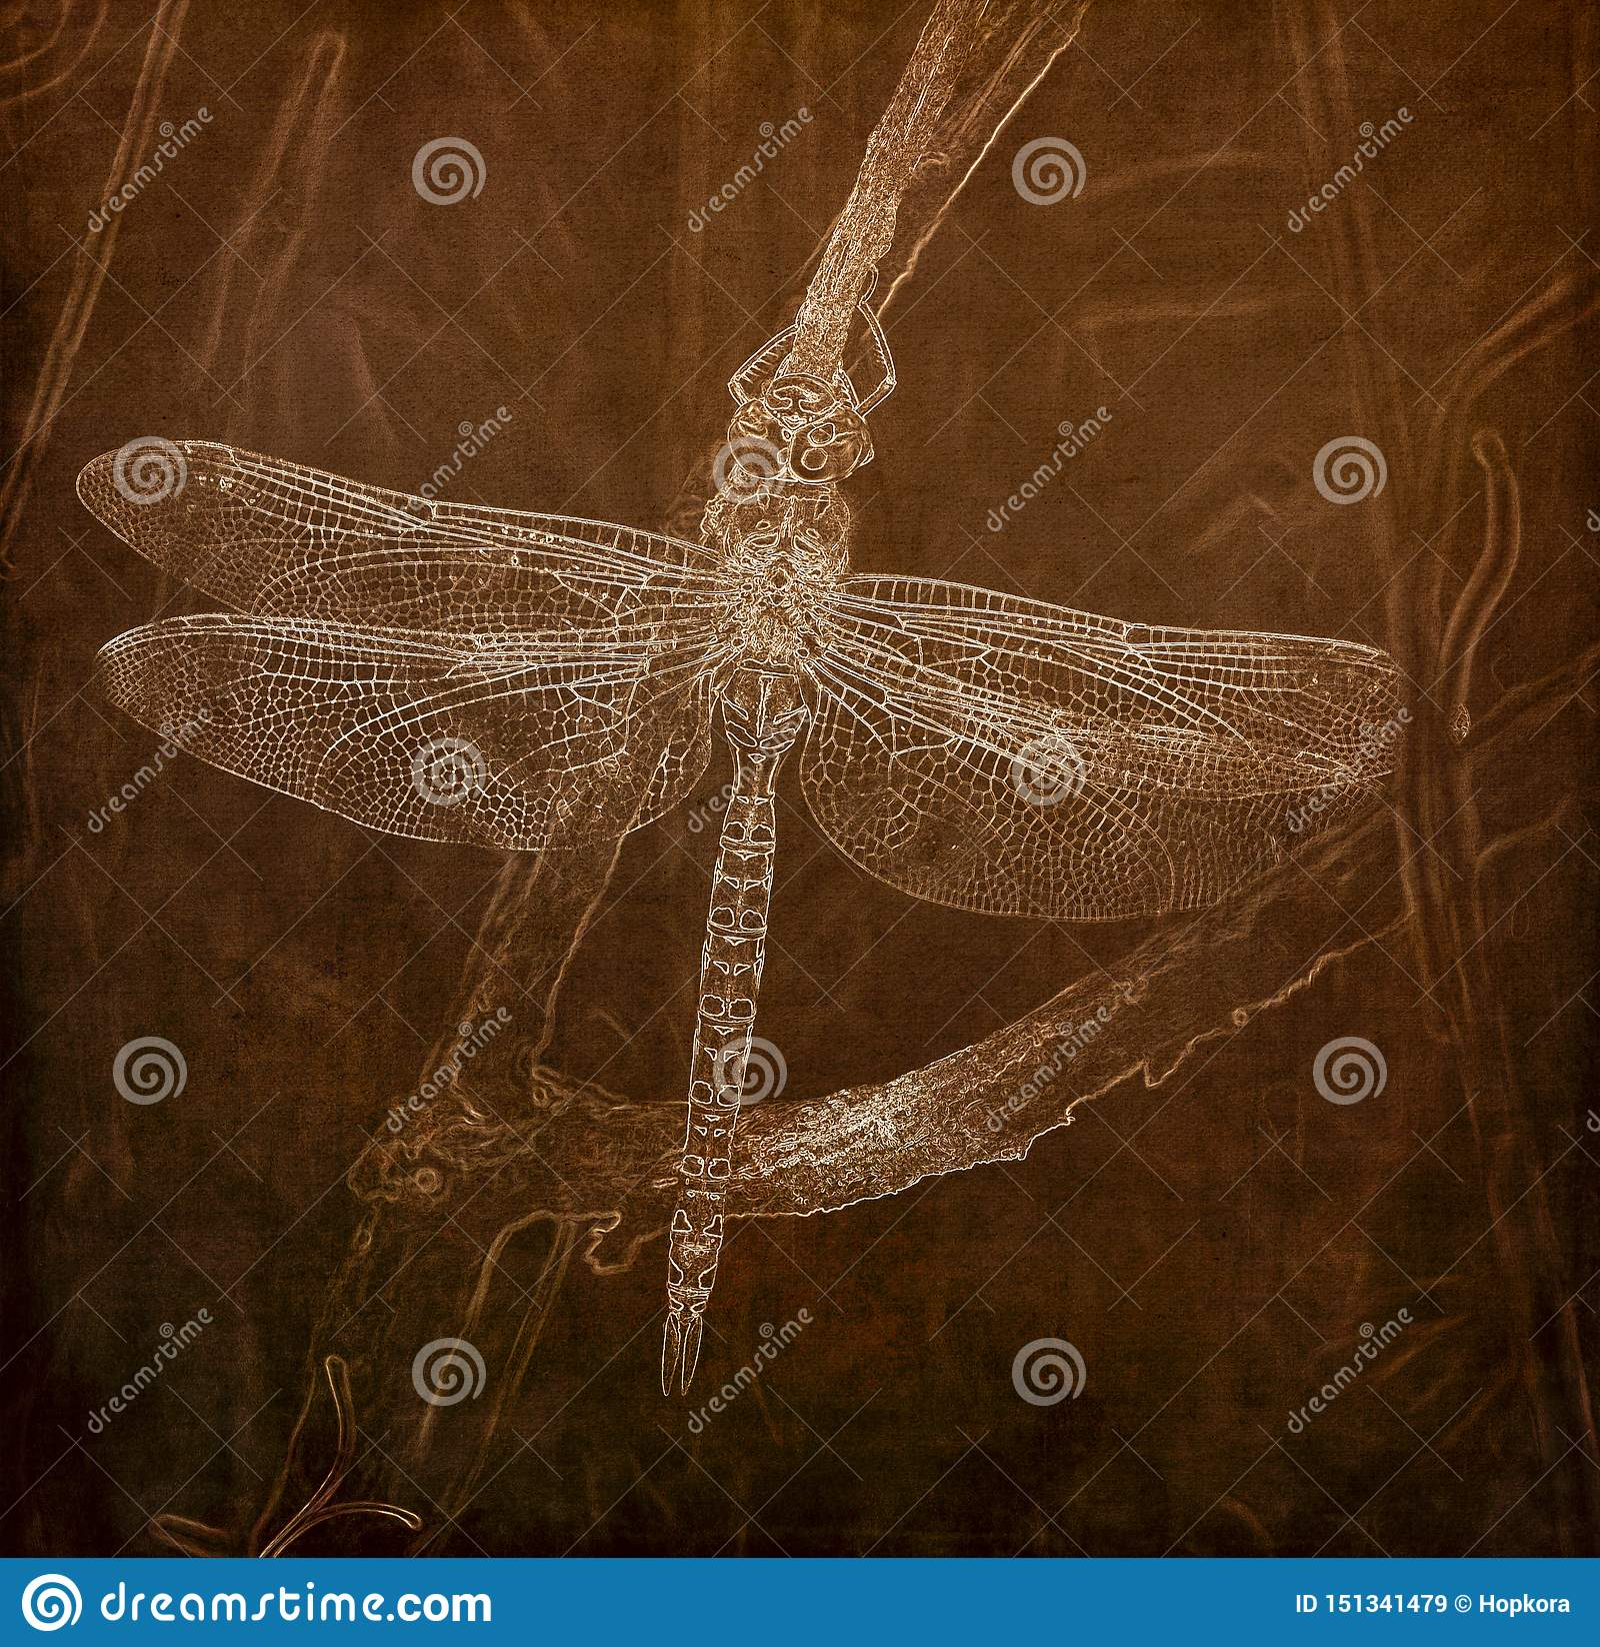 Illustration i Sepia av entailed mer darner sländaAeshna palmata som hänger från en trädlem i skuggan under värmen av